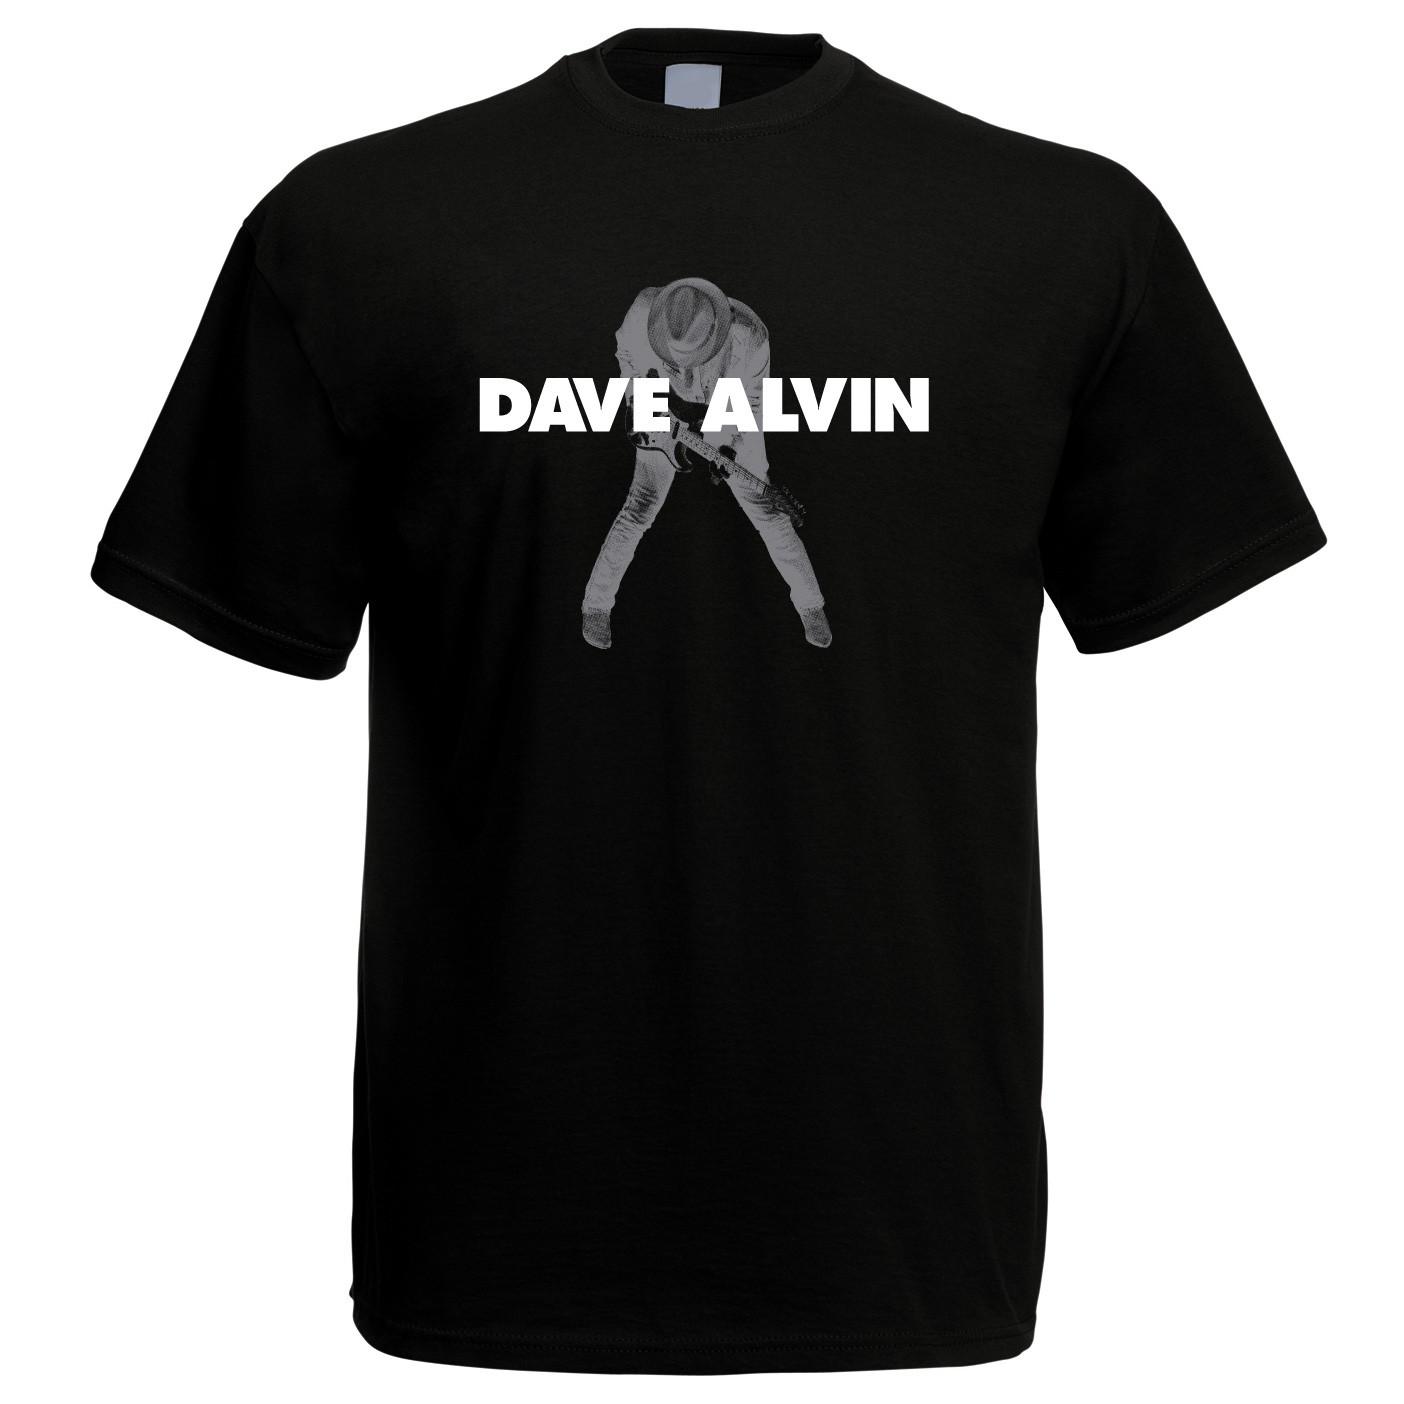 Dave Alvin - Eleven Eleven - T-Shirt